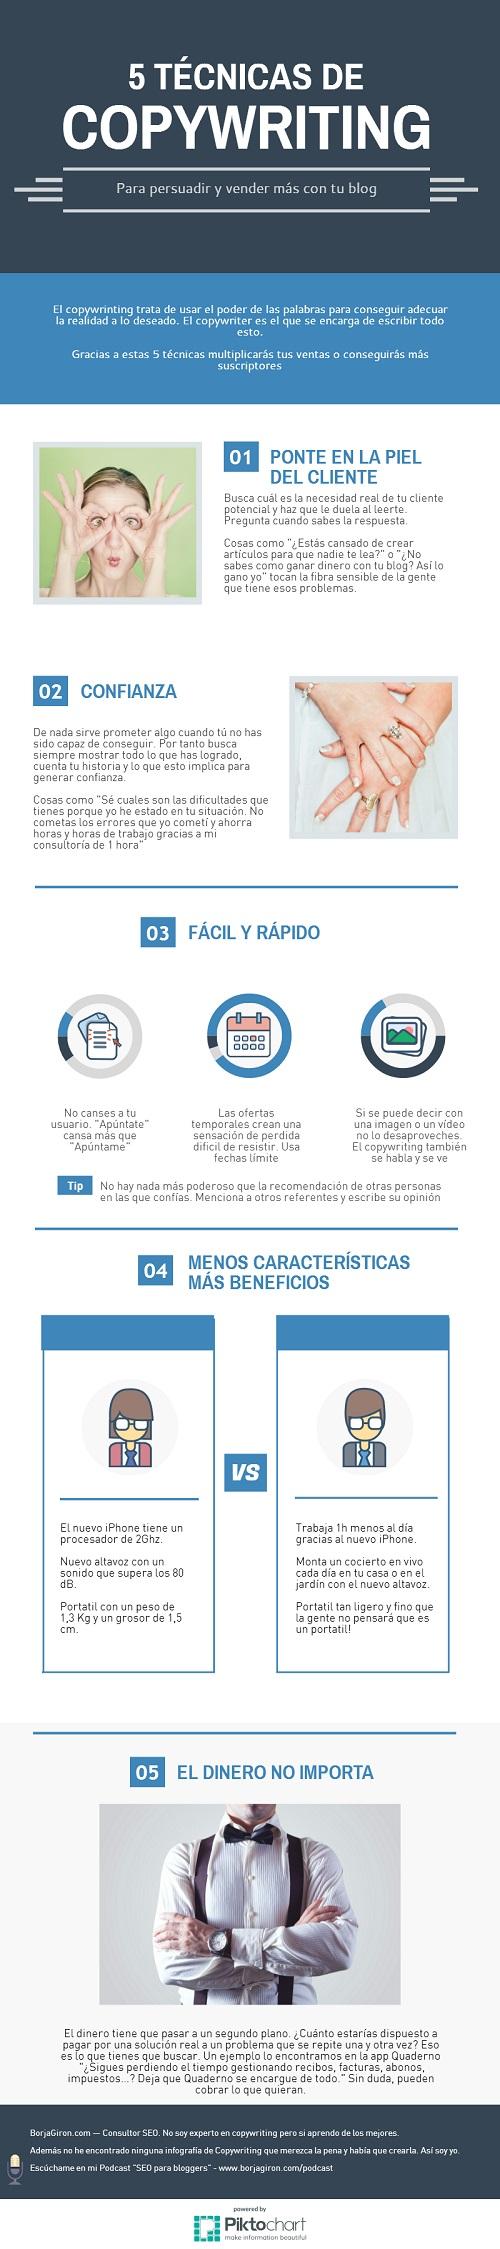 técnicas de copywriting para vender más #infografía